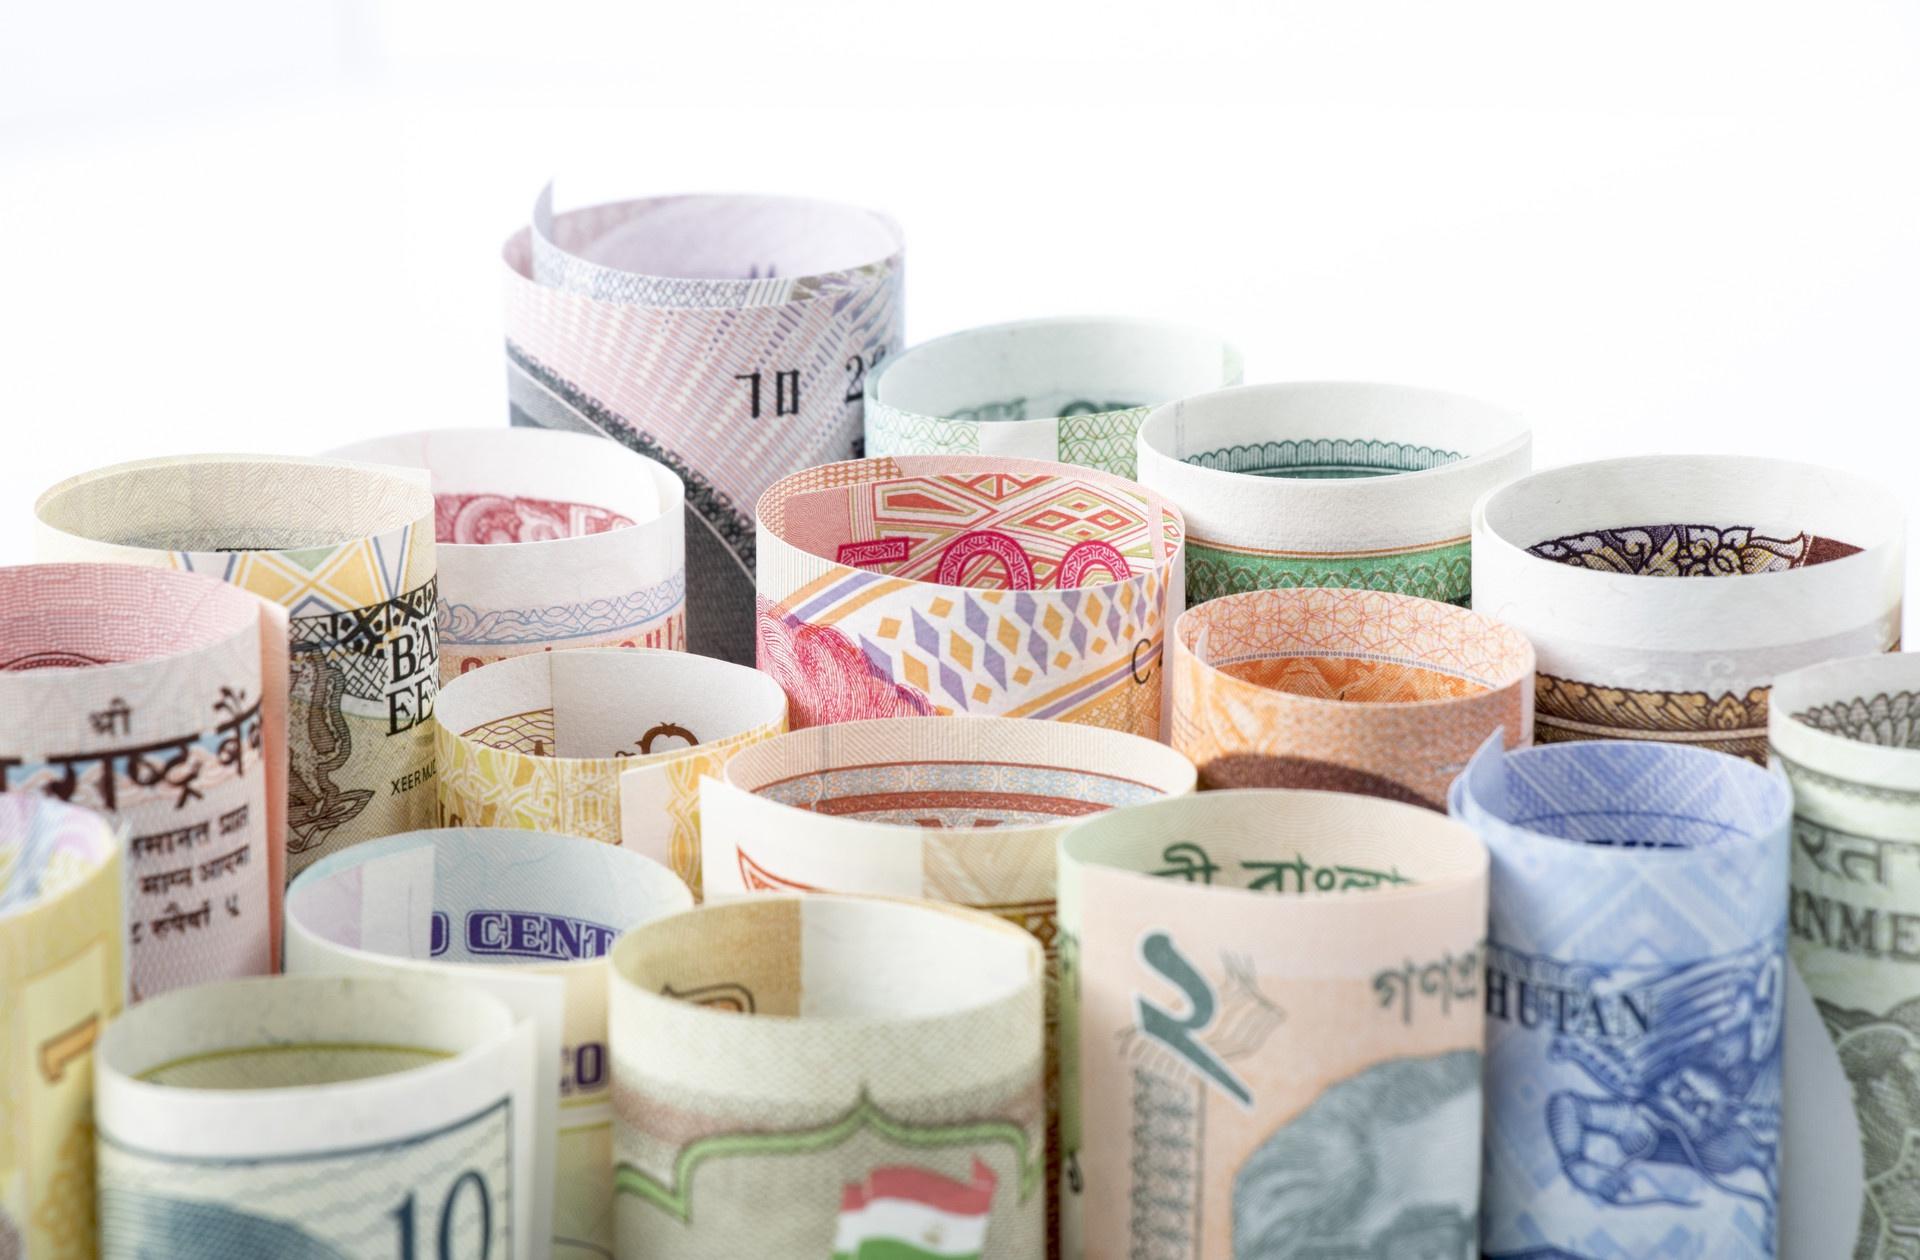 央行:降准导致的央行资产负债表收缩不会使货币供应量收紧